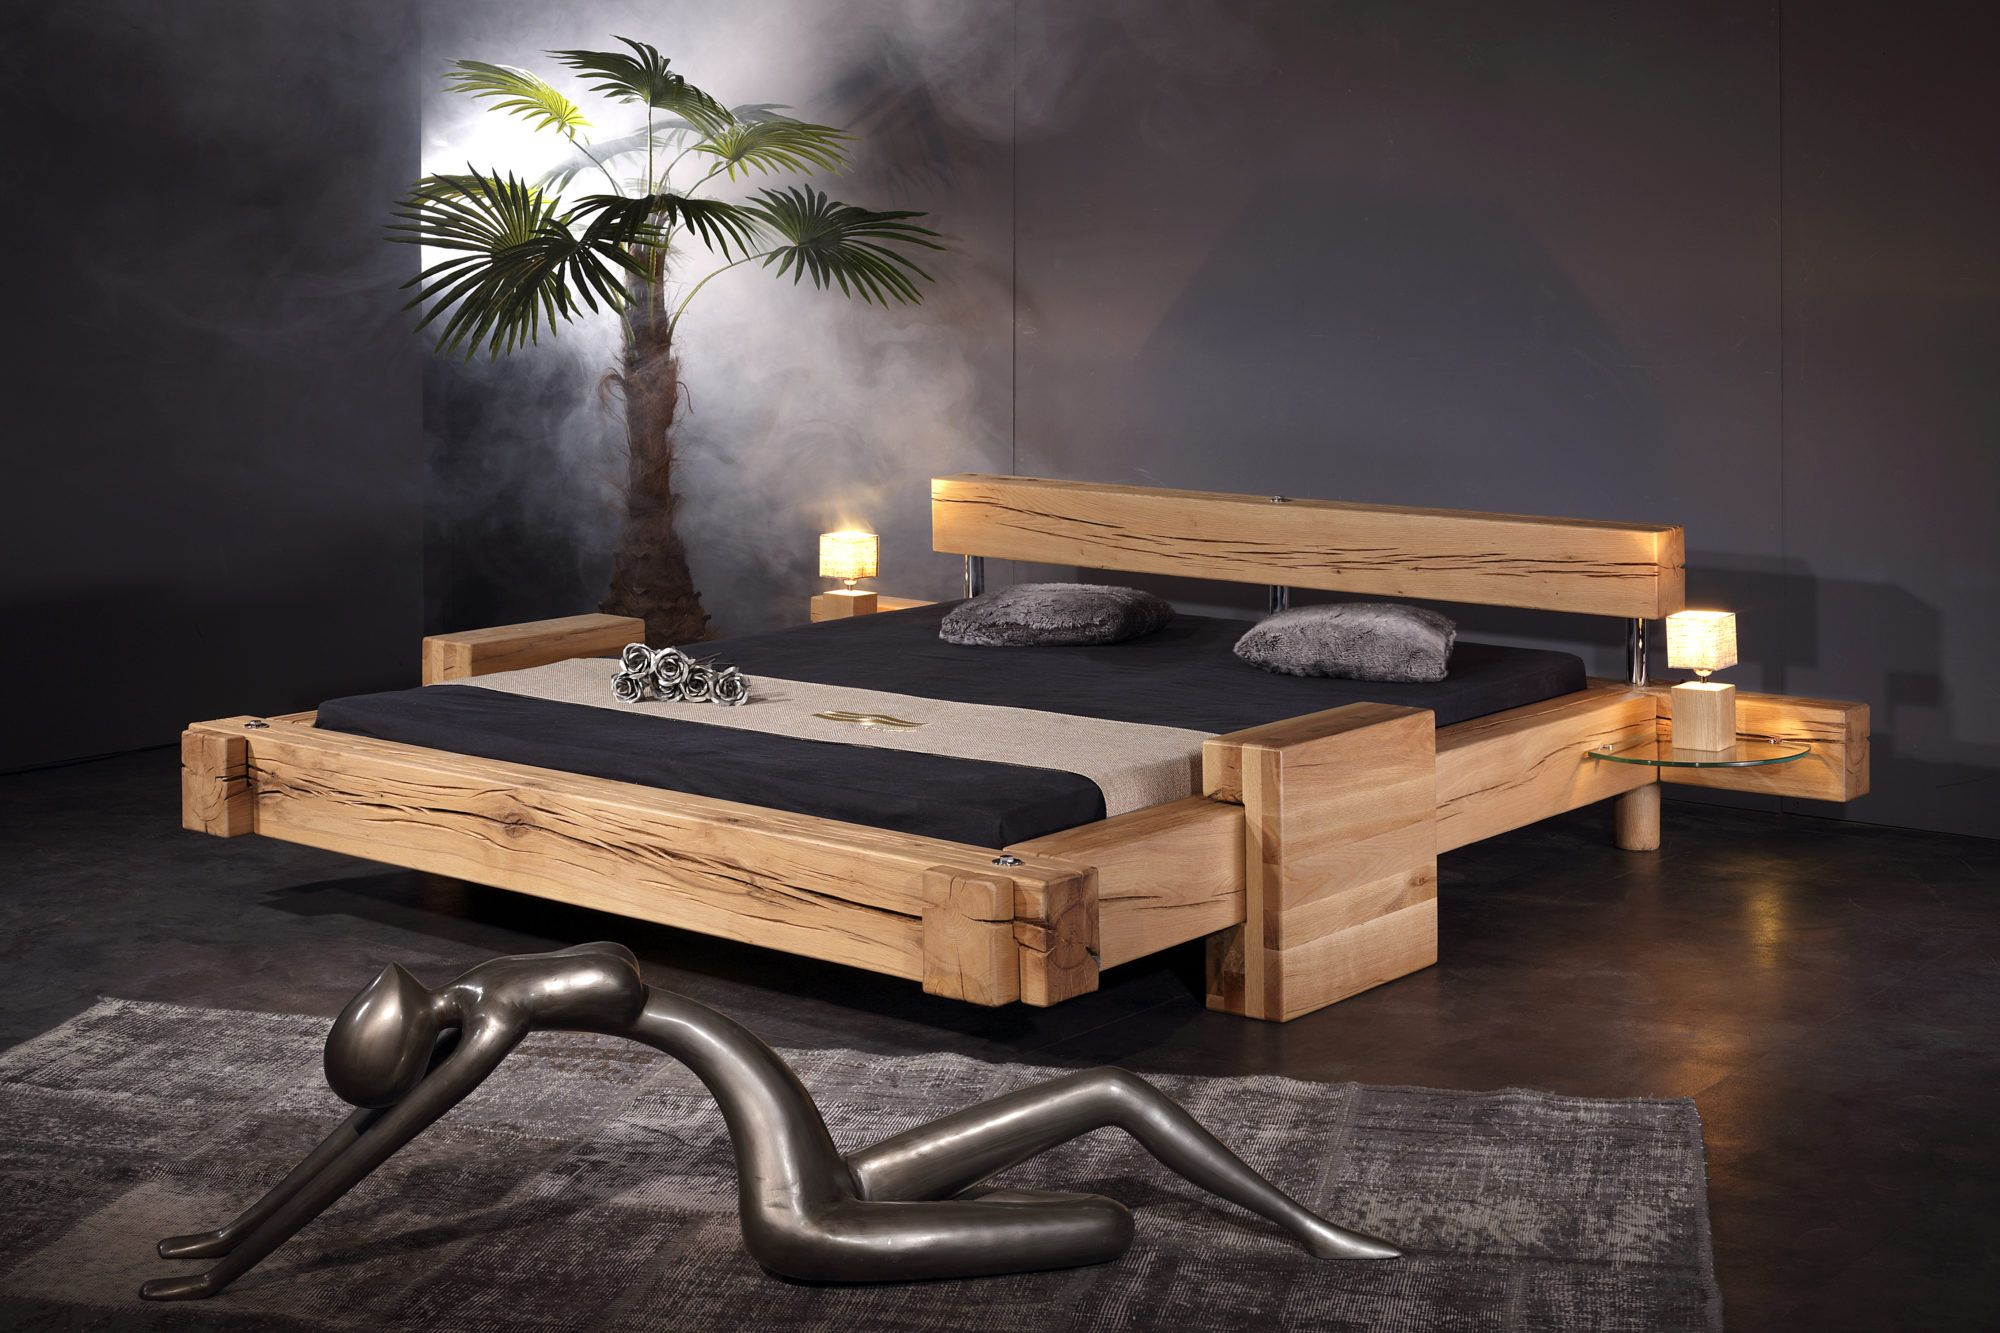 Klotz Bett Sumpfeiche Sprenger Möbel Wohnen Bett Möbel